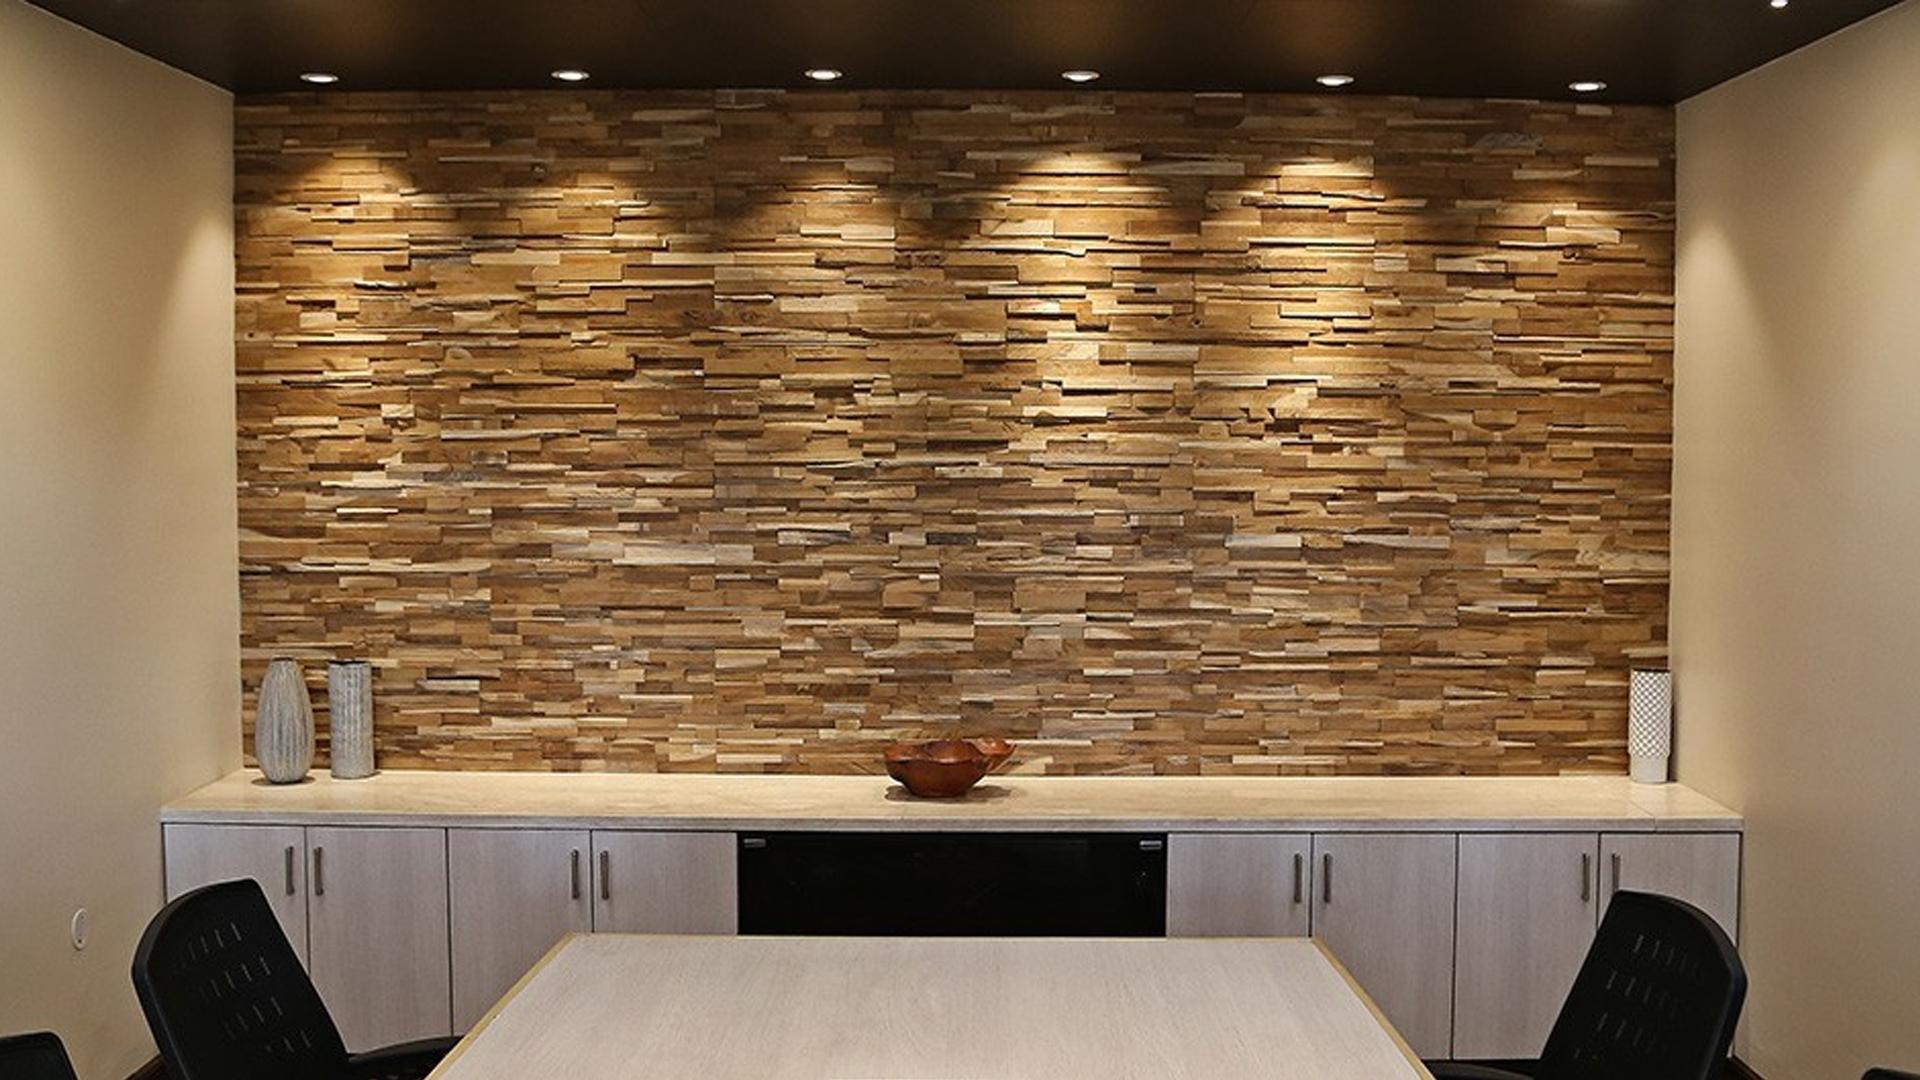 Pannelli decorativi rivestimento in fibra di bamboo rota commerciale